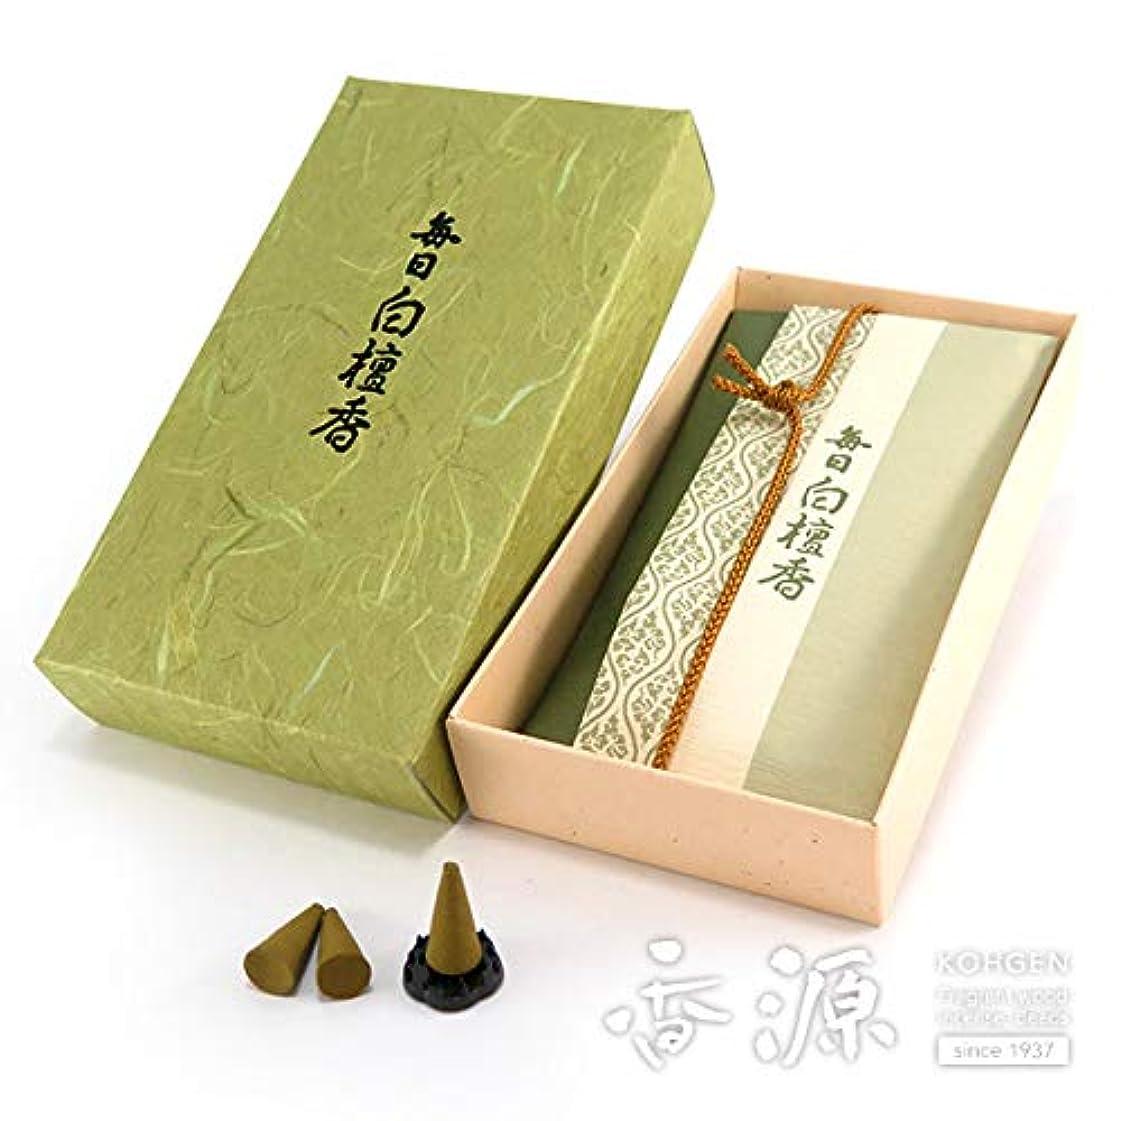 集まる情緒的逃げる日本香堂のお香 白檀の定番 毎日白檀香 コーン型24個入